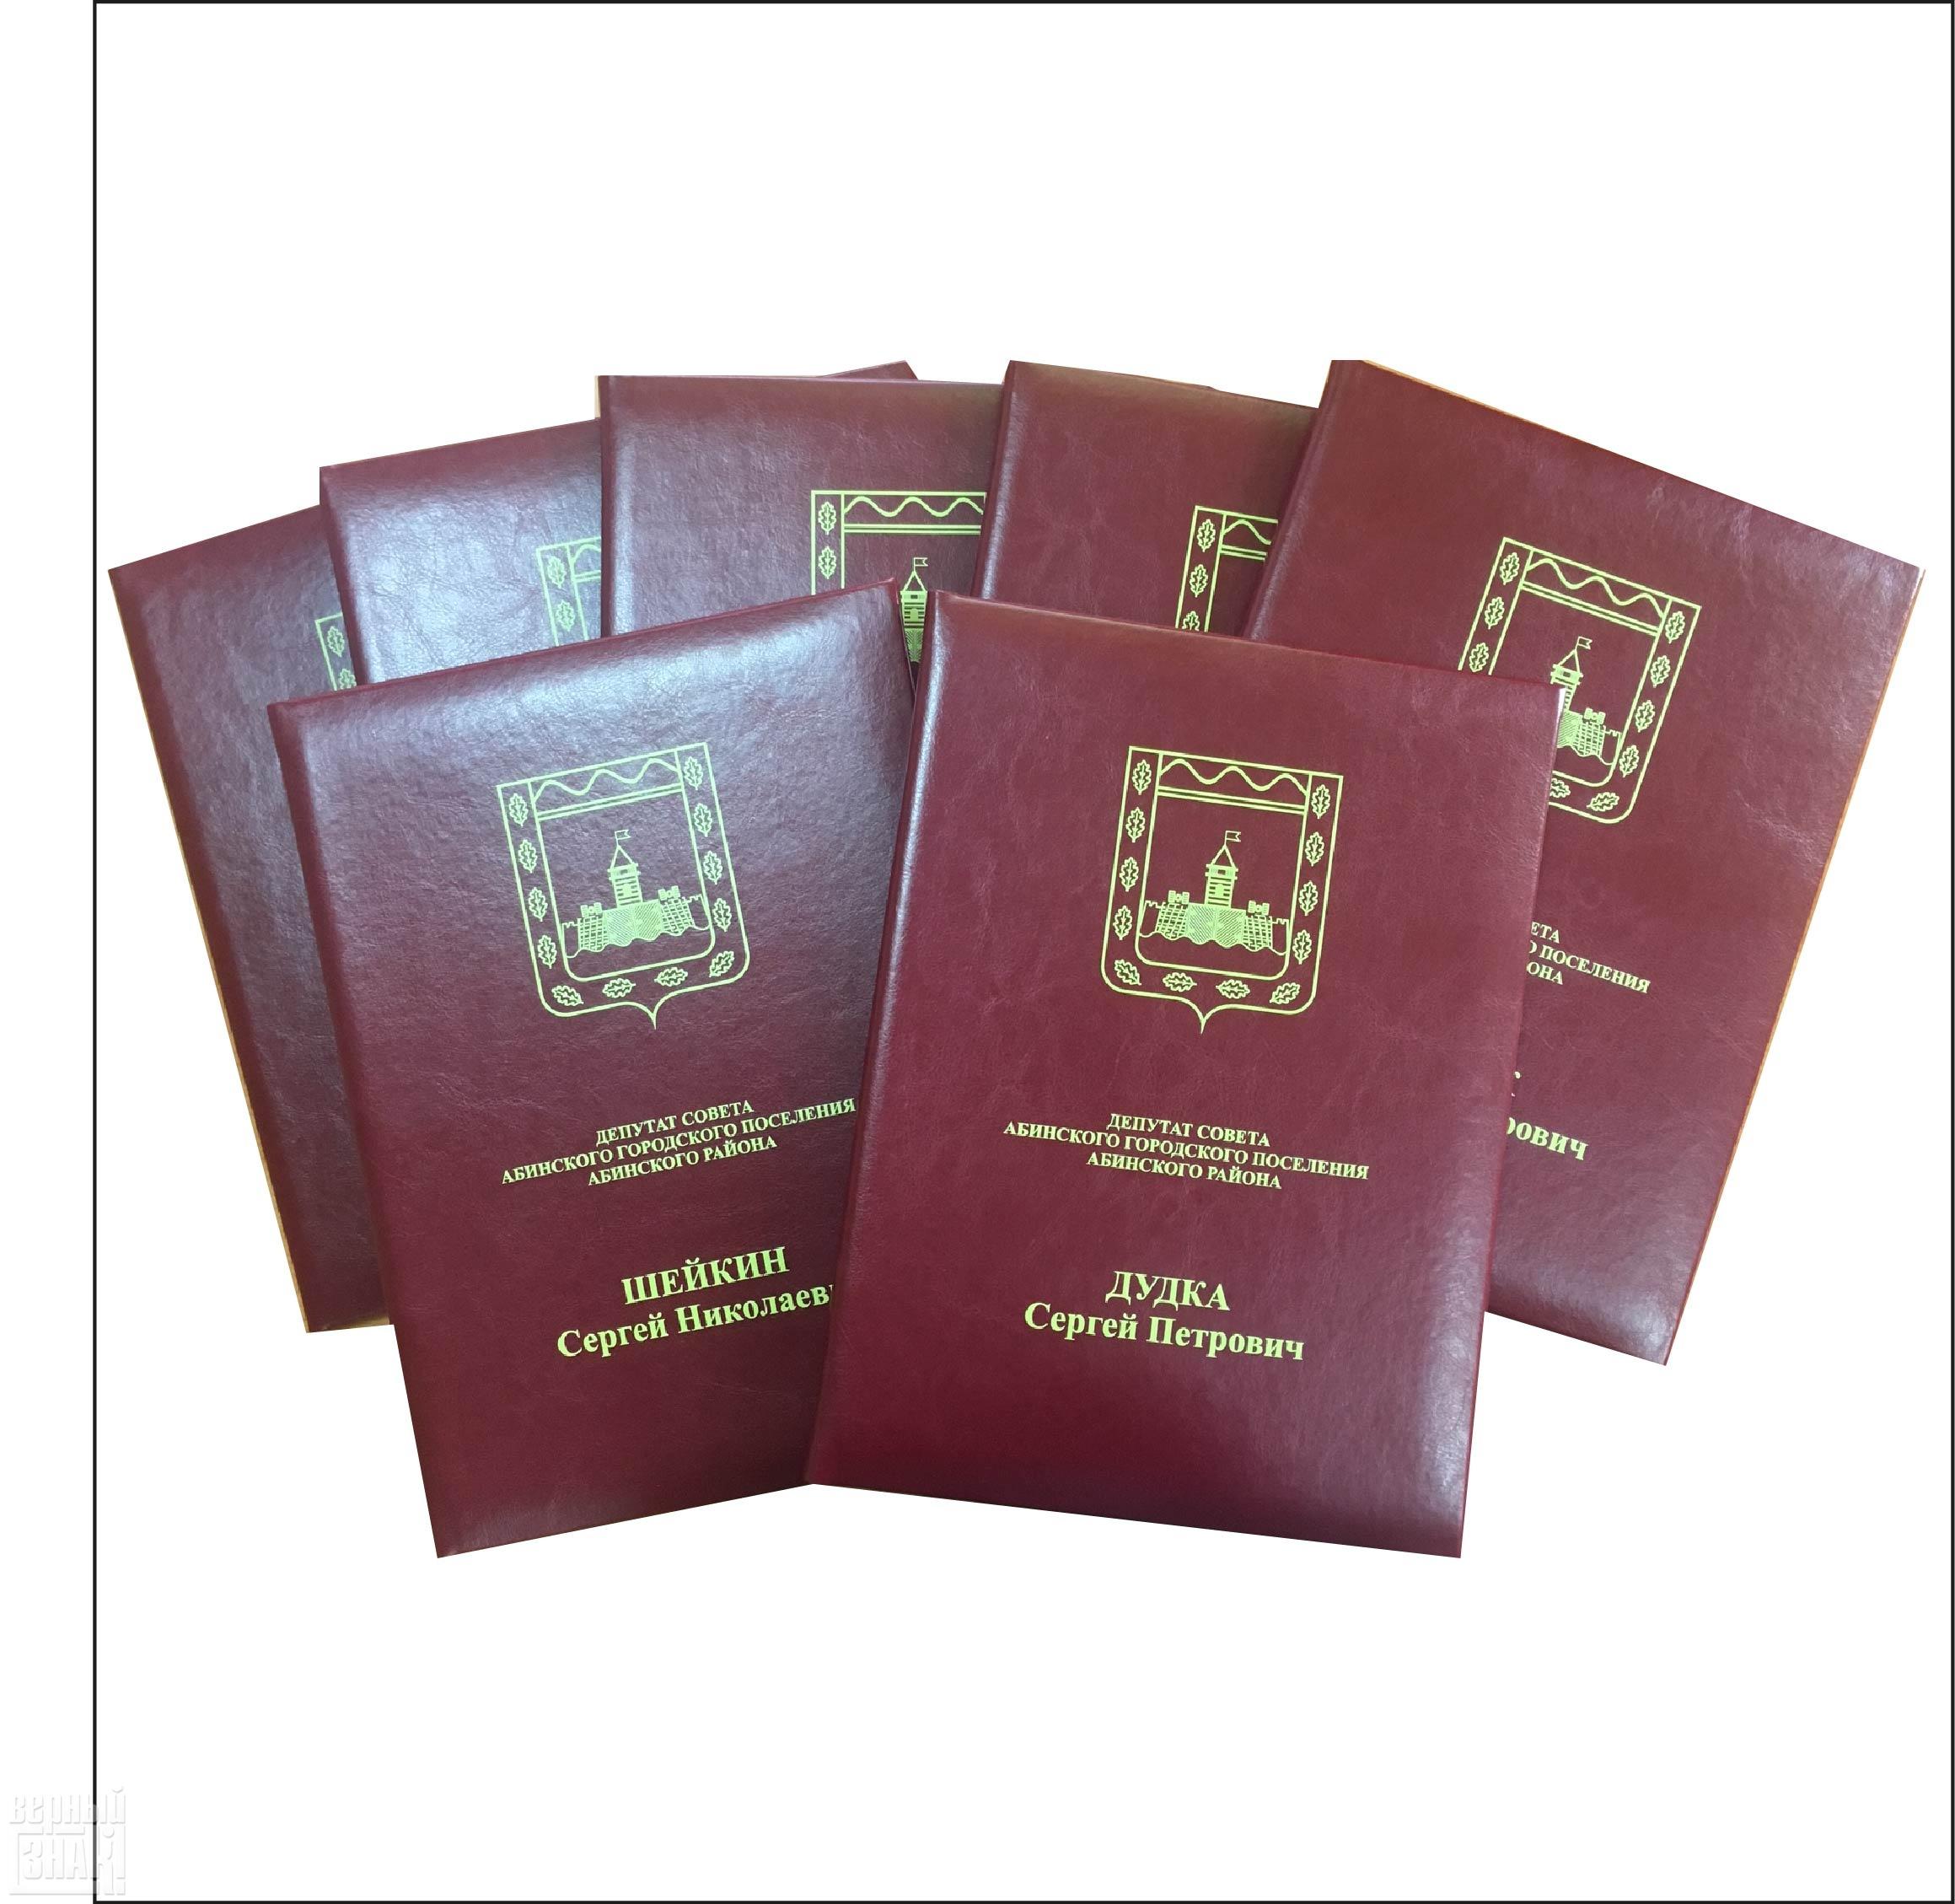 УФ печать на папках на подпись для администрации района